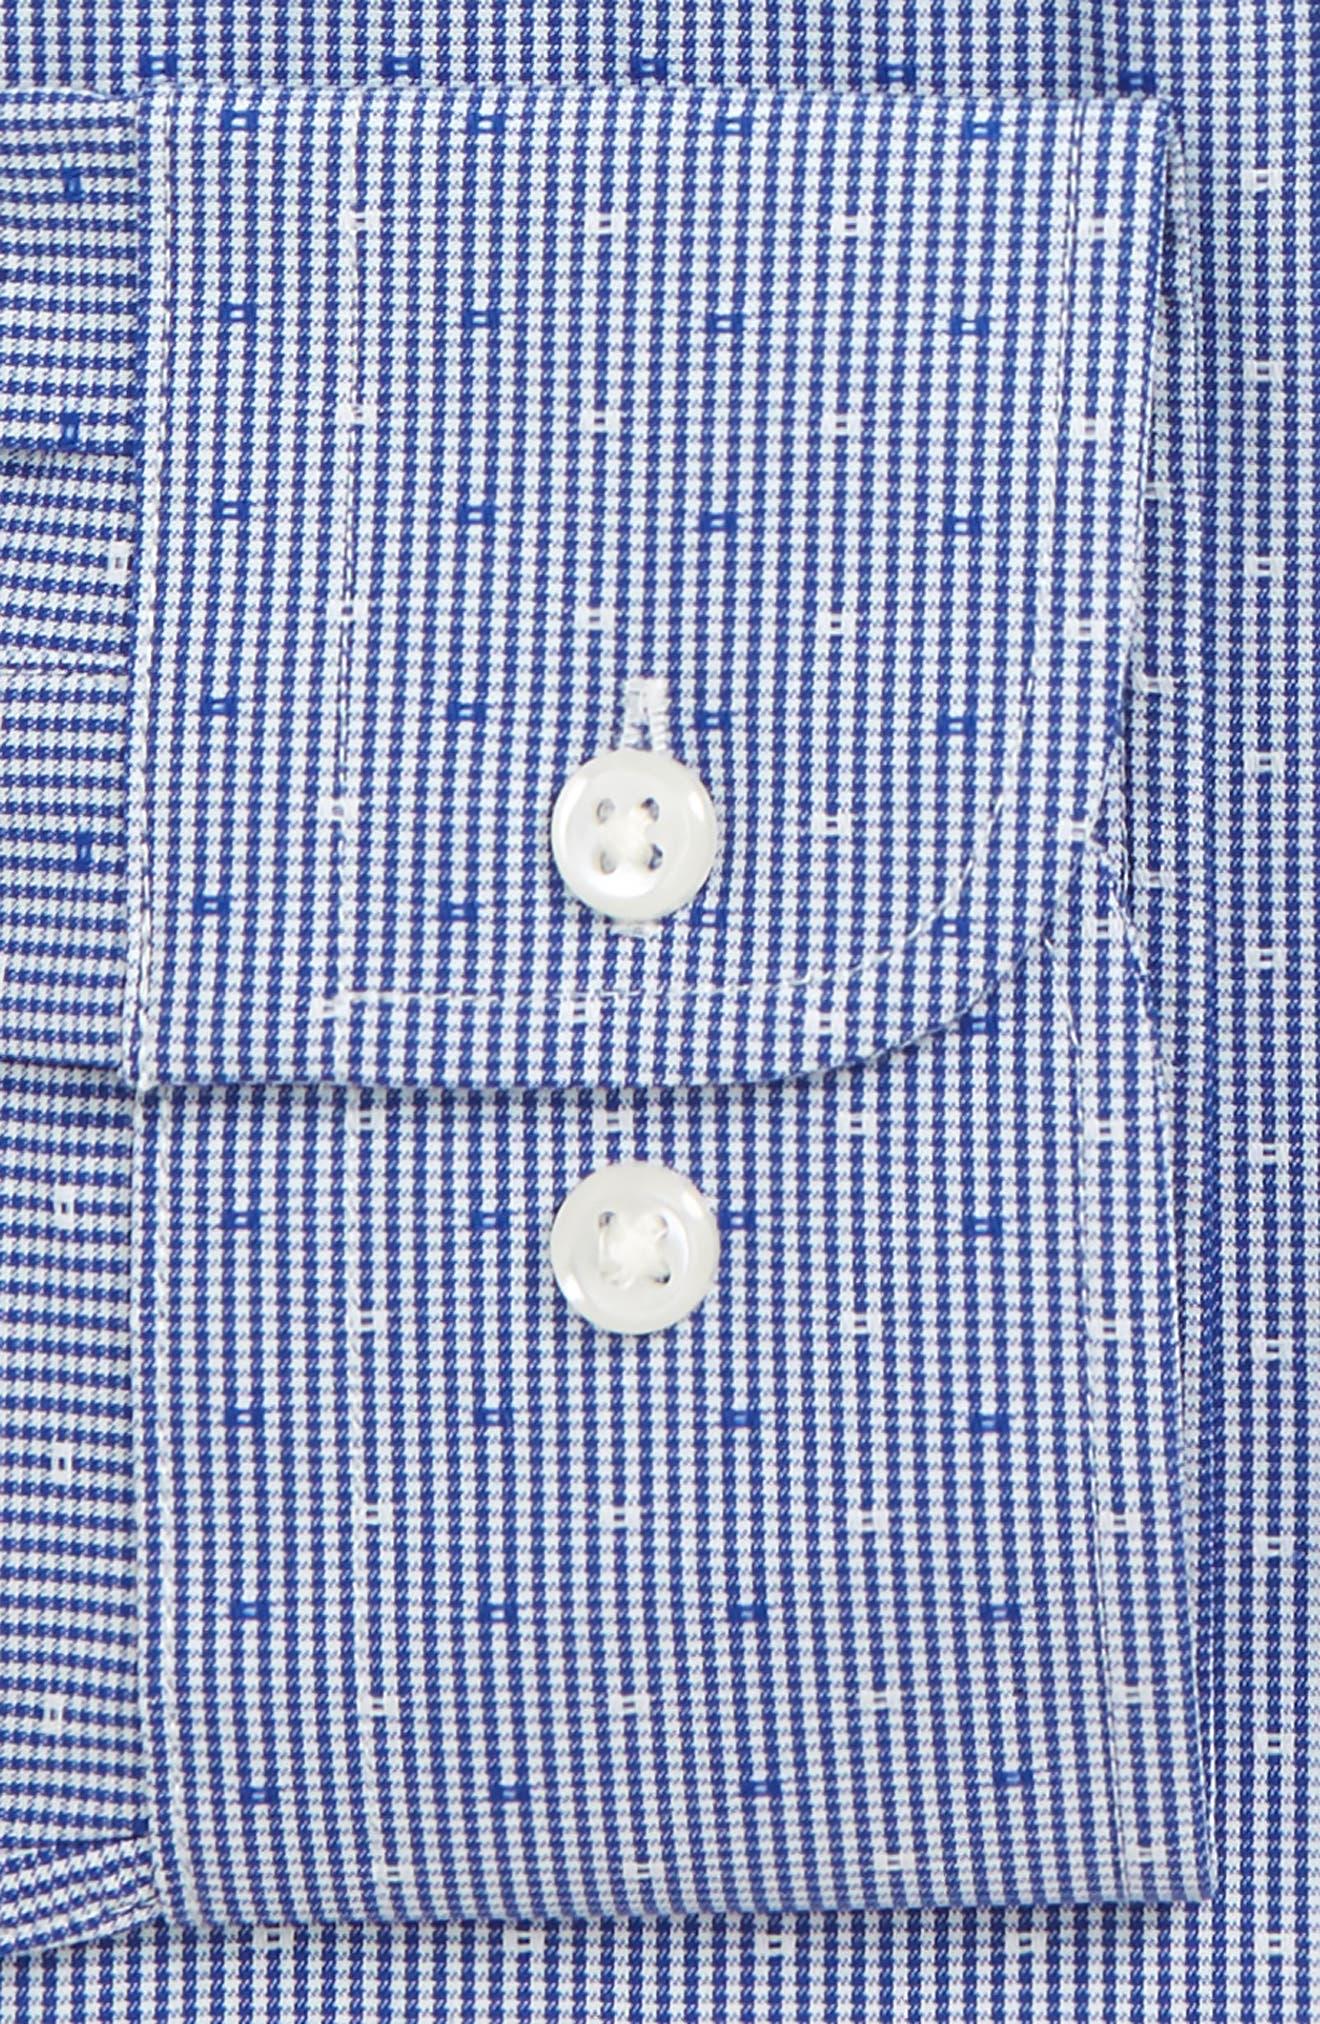 Tech-Smart Trim Fit Check Dress Shirt,                             Alternate thumbnail 6, color,